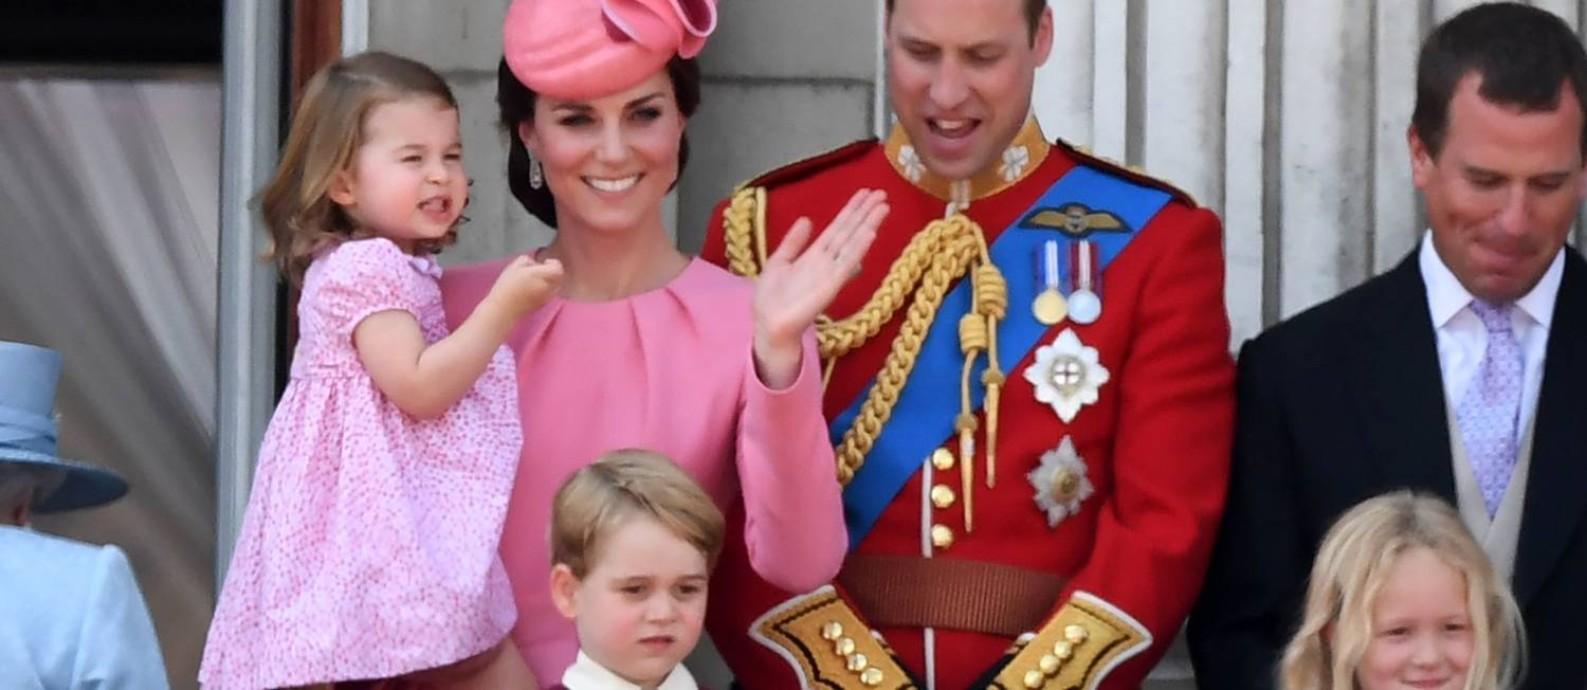 A monarquia mais famosa do mundo ainda fascina Foto: CHRIS J RATCLIFFE / AFP